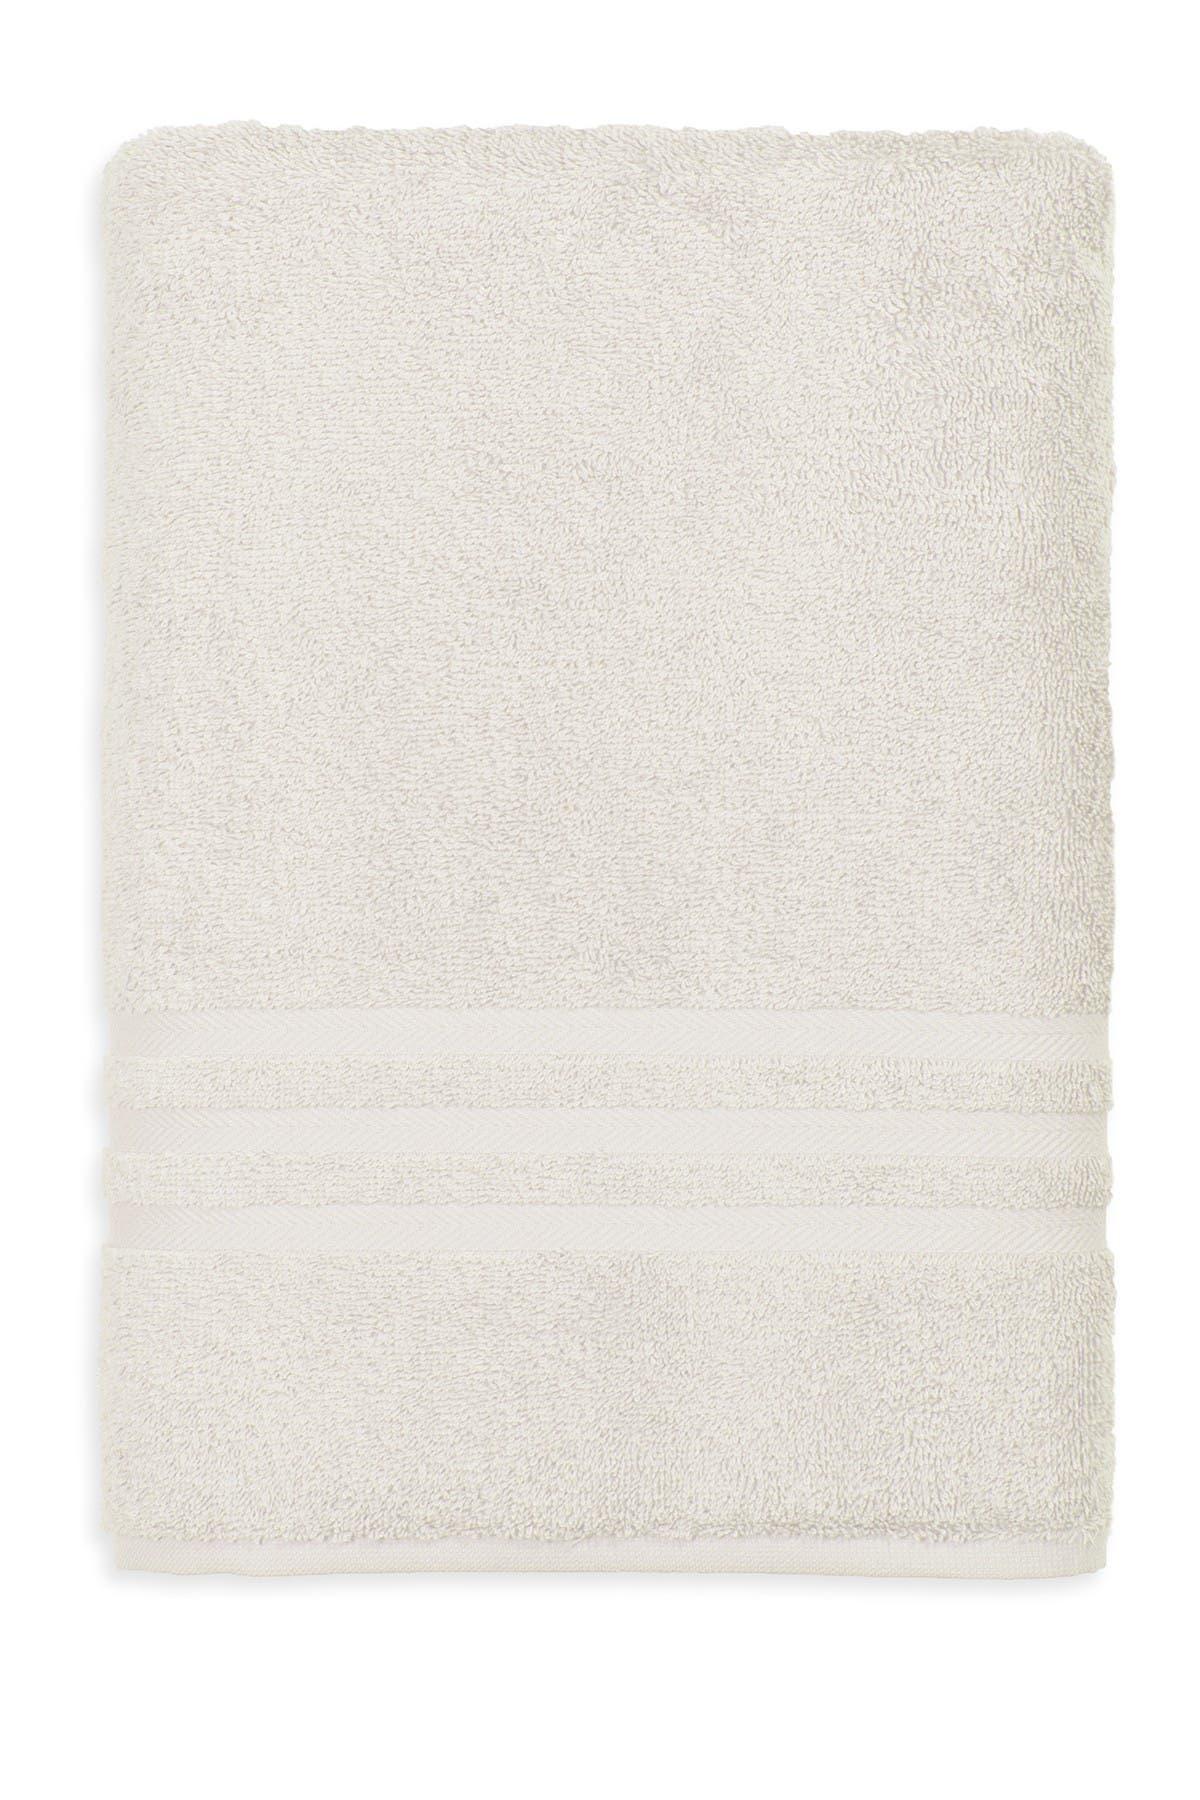 Image of LINUM HOME Denzi Bath Sheet - Cream